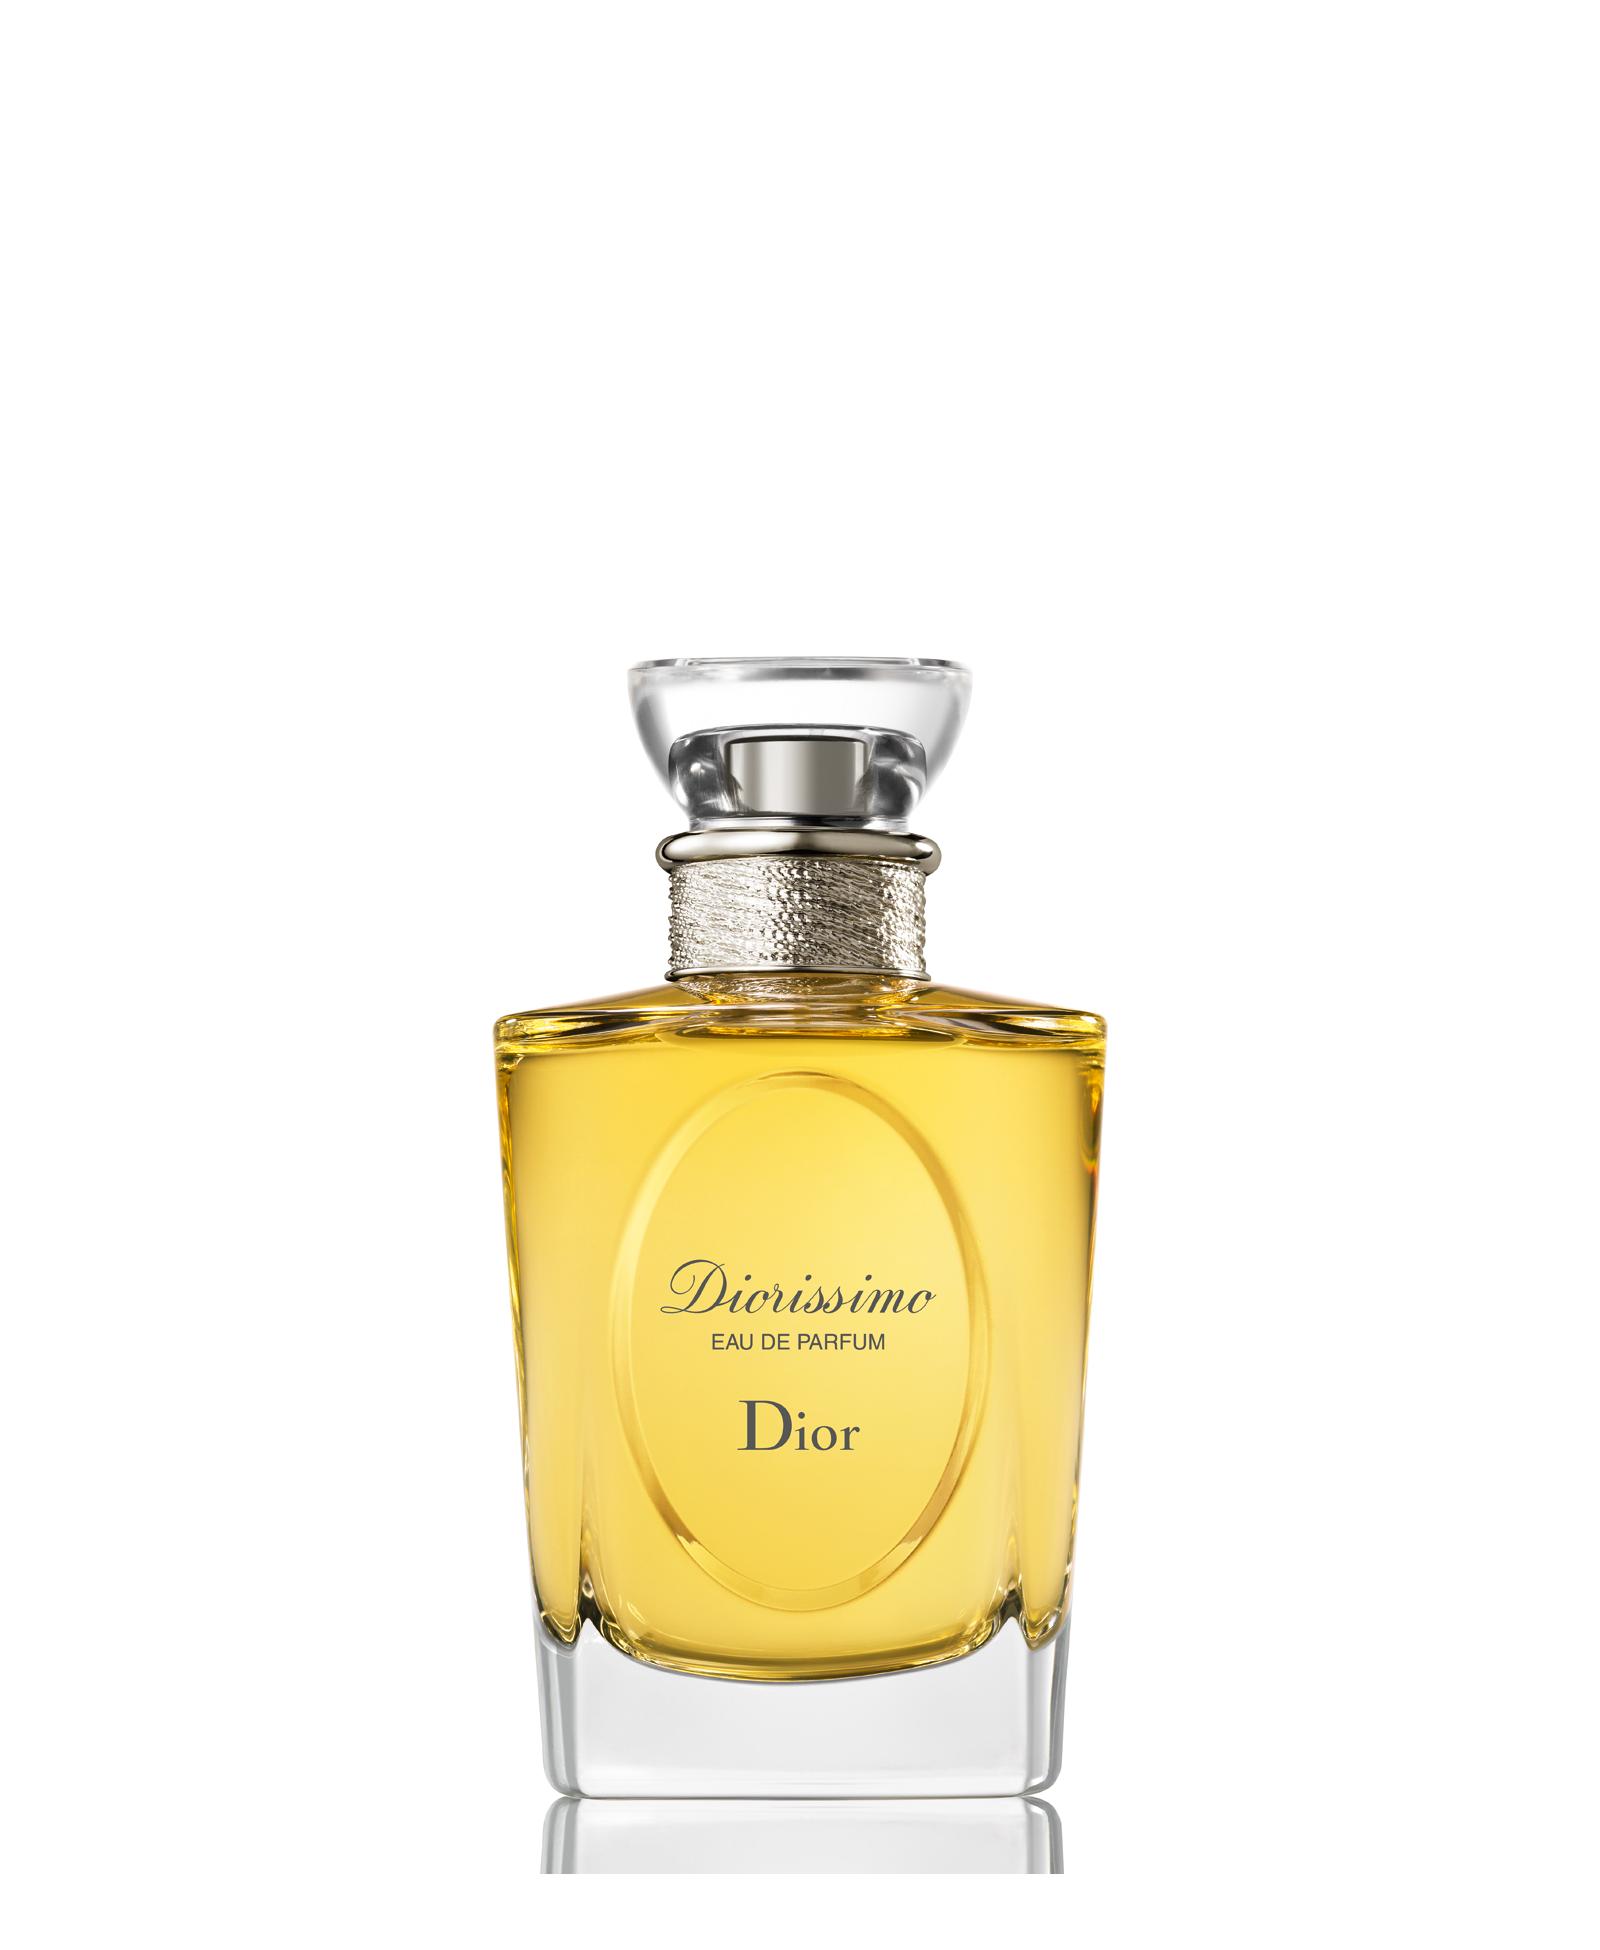 Diorissimo Perfume, Dior beauty, Parfum dior